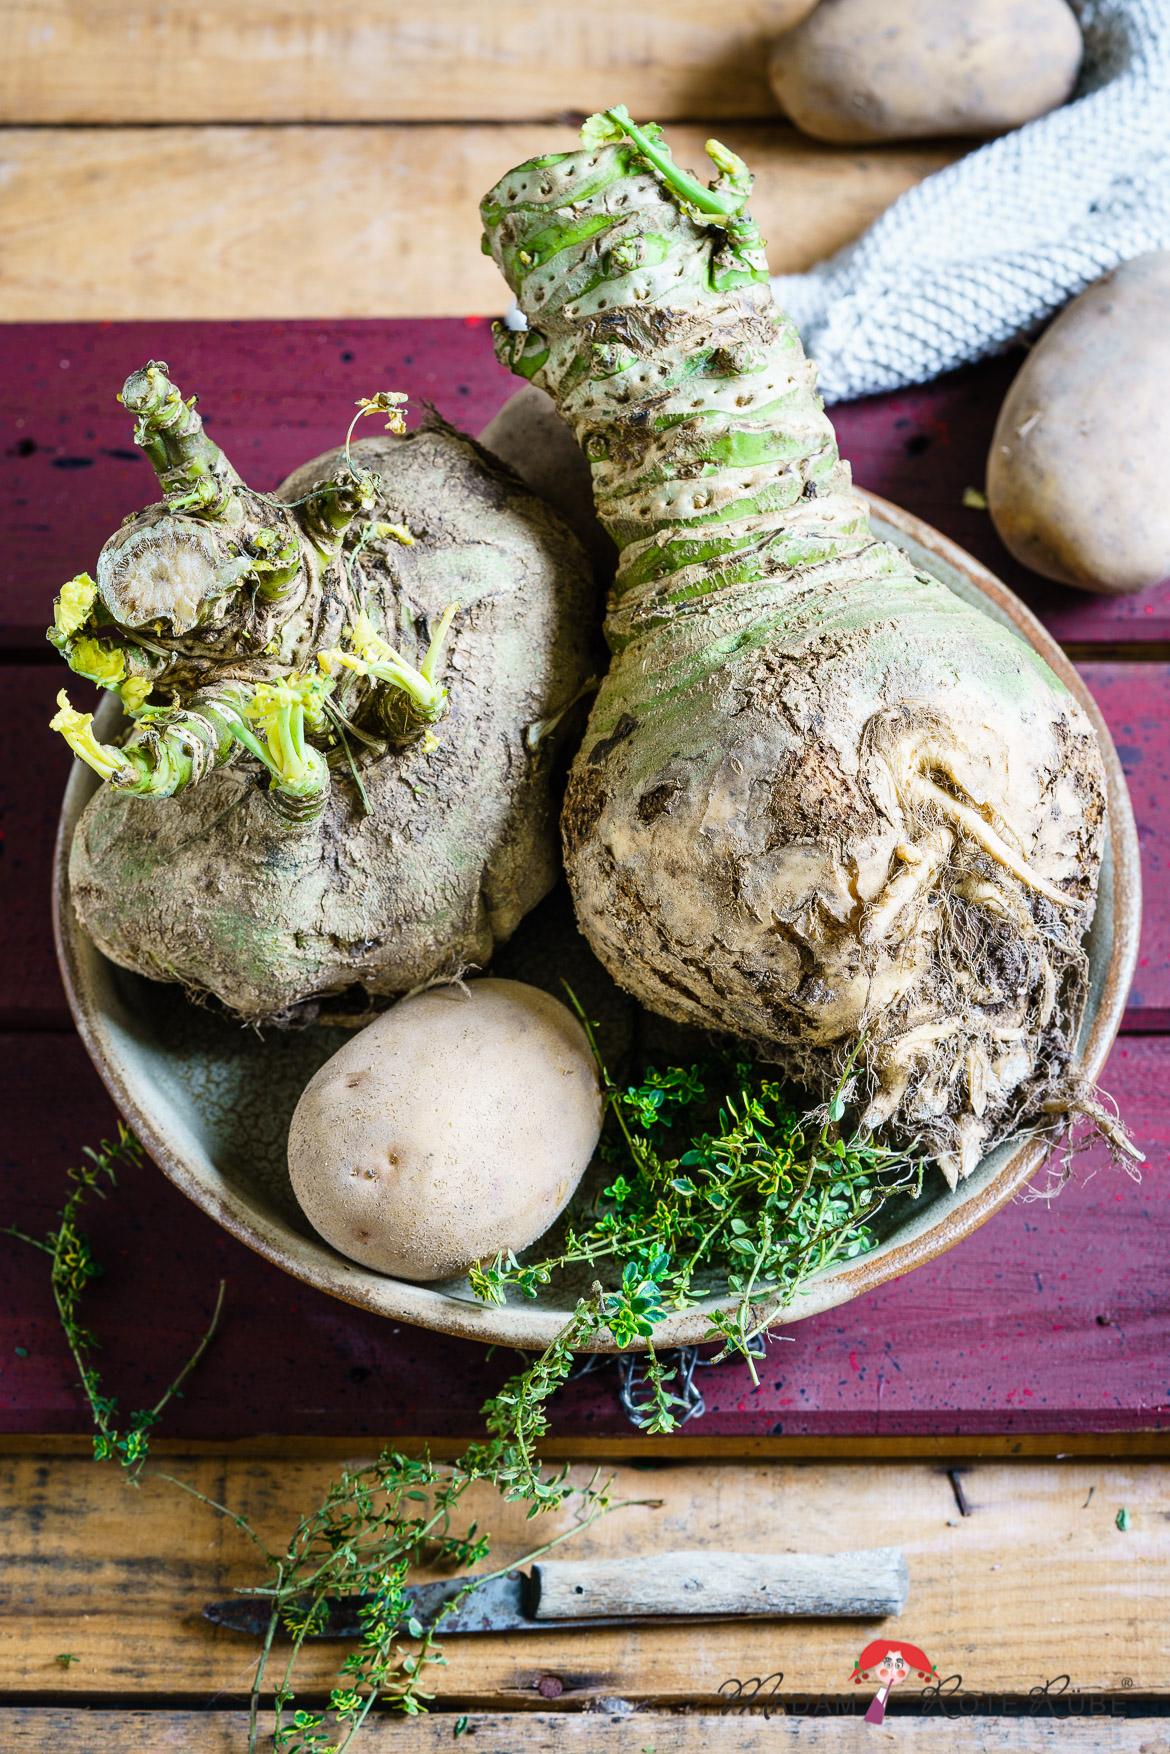 Kartoffel-Steckrüben-Gratin mit Zitronensauce und Thymianbrösel